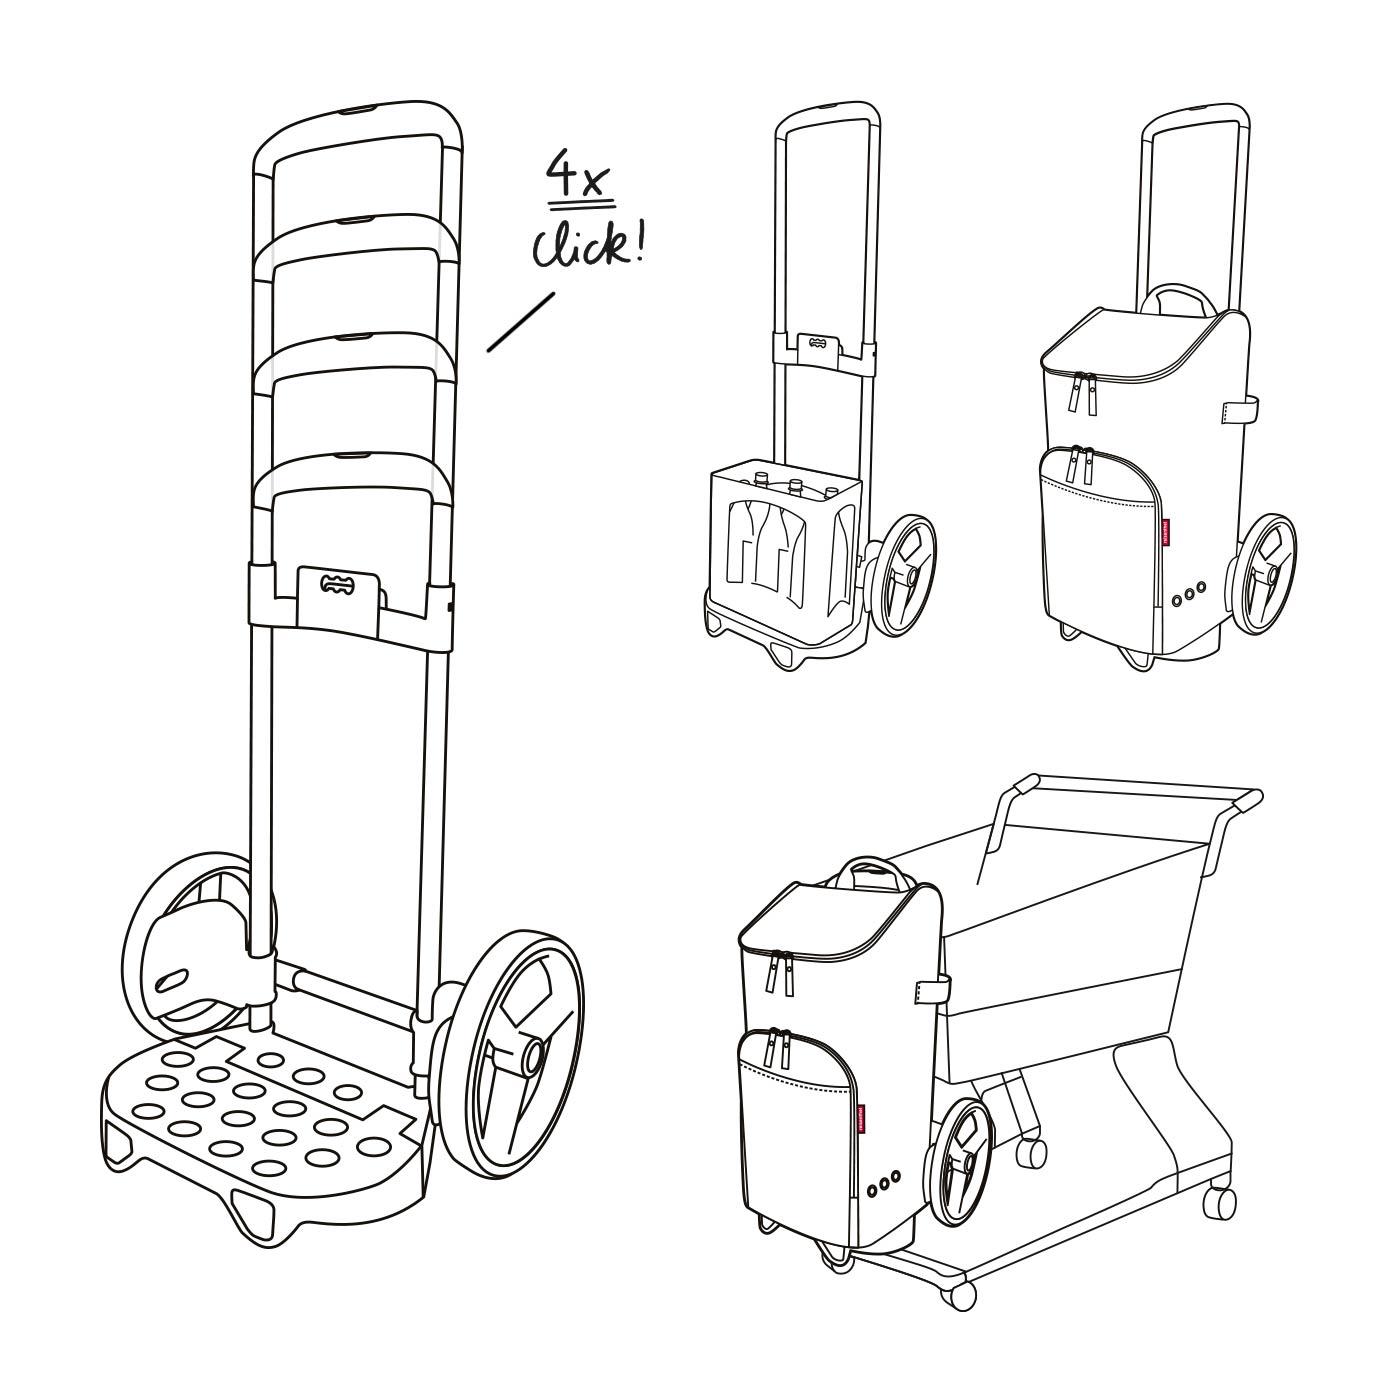 Bag citycruiser Rack 7051 DEDFZJ Einkaufstrolley mit Flaschentasche Mixed dots bottlebag 3in1 Set